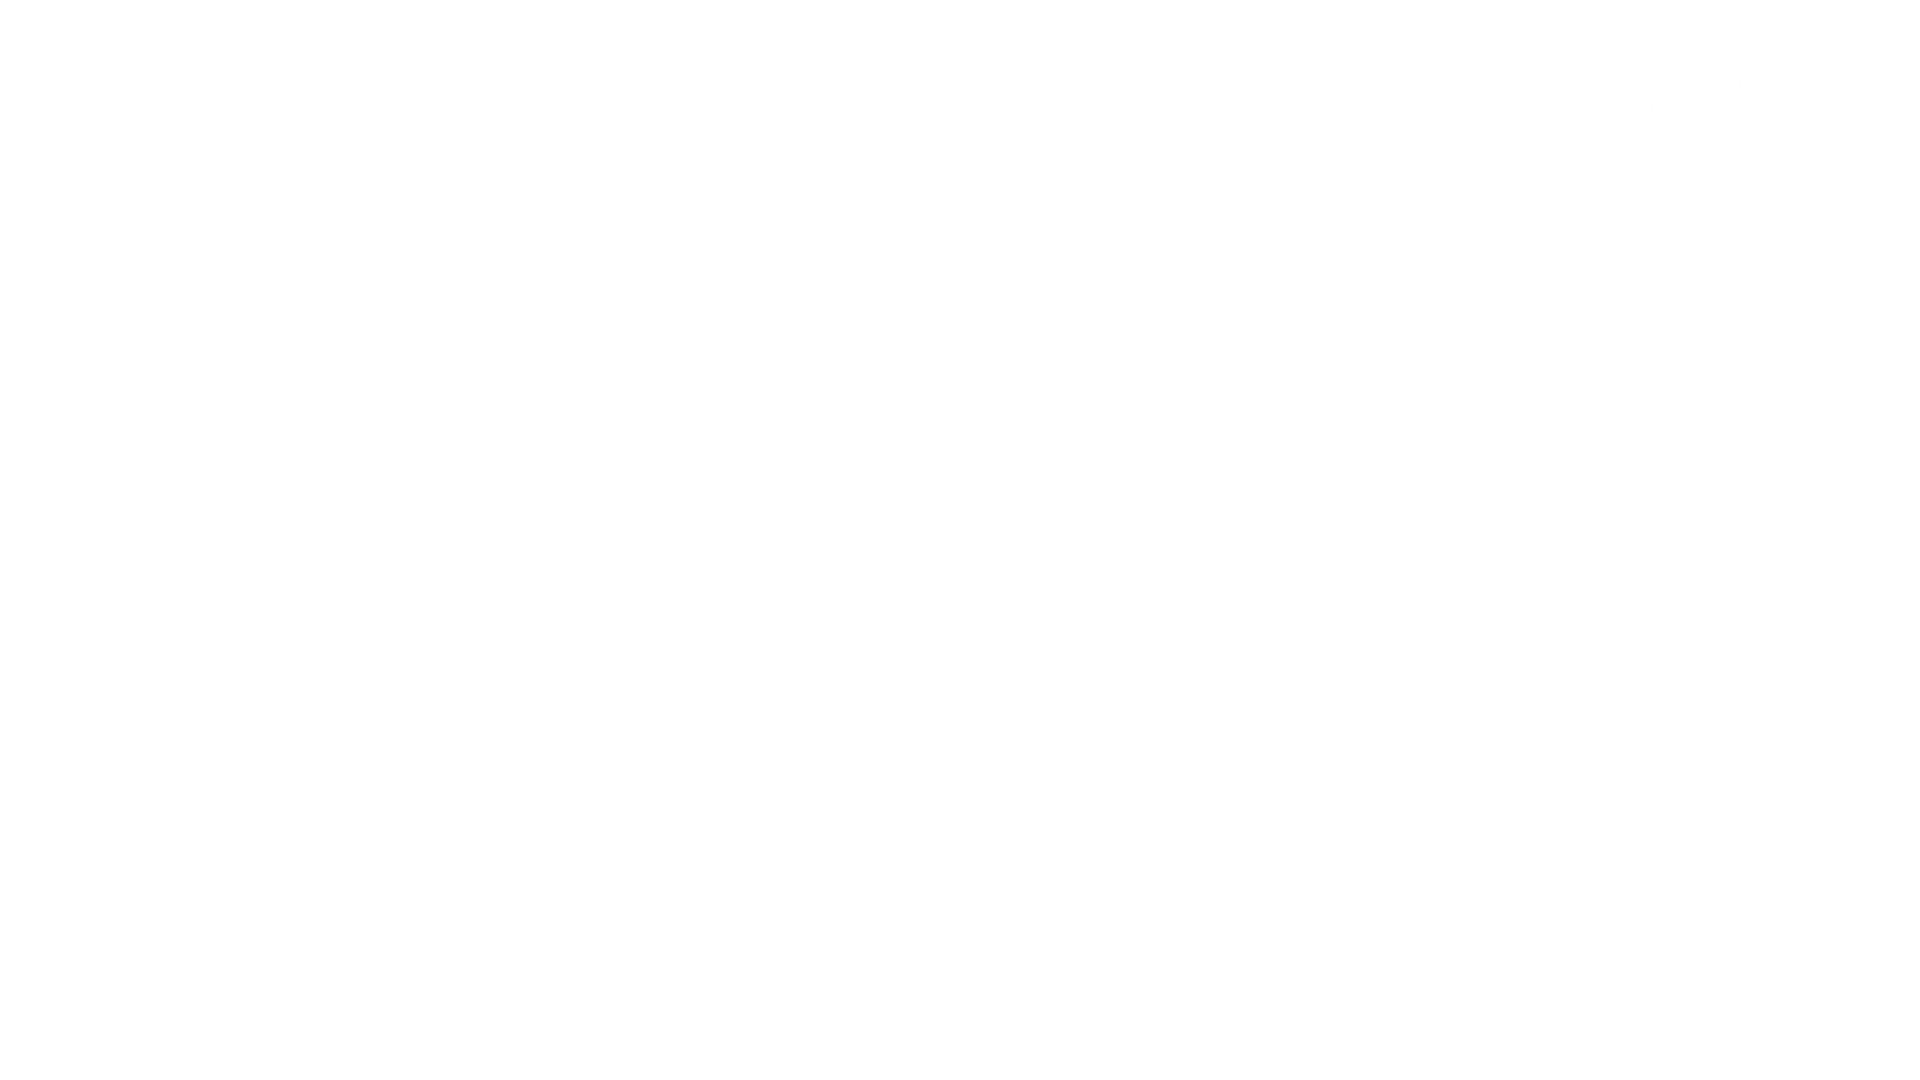 ▲復活限定▲ハイビジョン 盗神伝 Vol.18 盗撮映像  43Pix 6